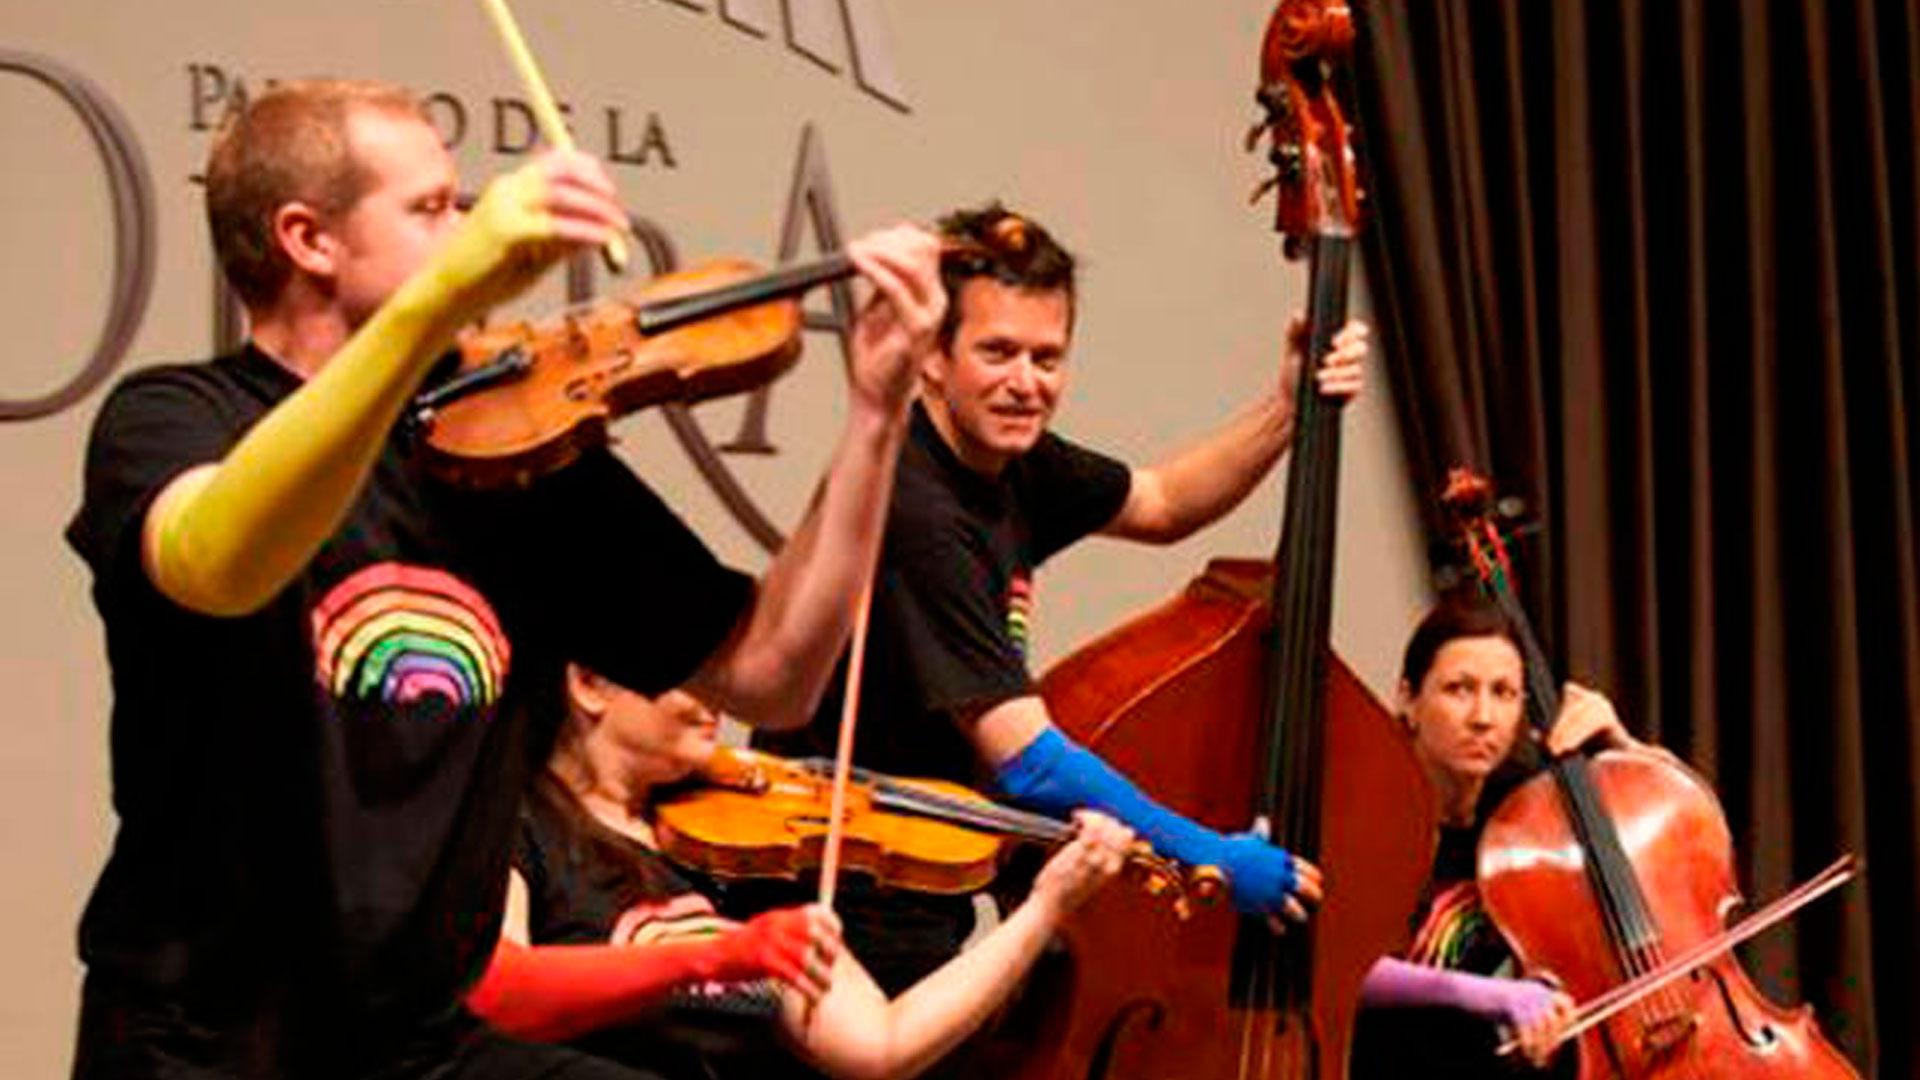 """Arcos Iris ofrece el concierto en familia """"Los colores de las cuerdas"""" con música desde lo clásico hasta el jazz"""